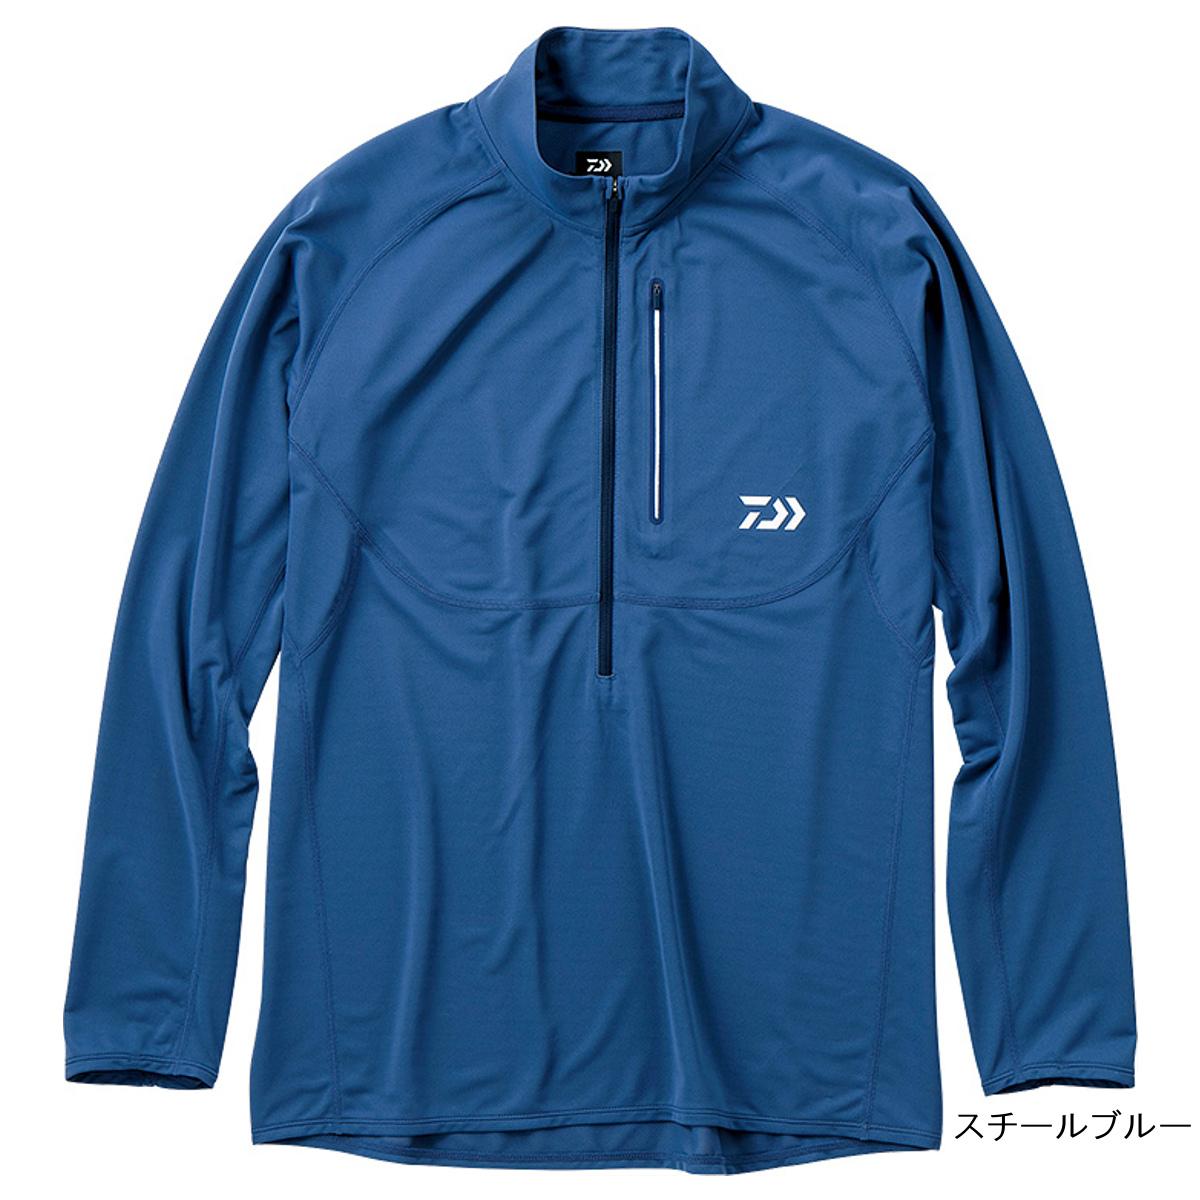 ダイワ アクティブジップアップシャツ DE-35009 XL スチールブルー(東日本店)